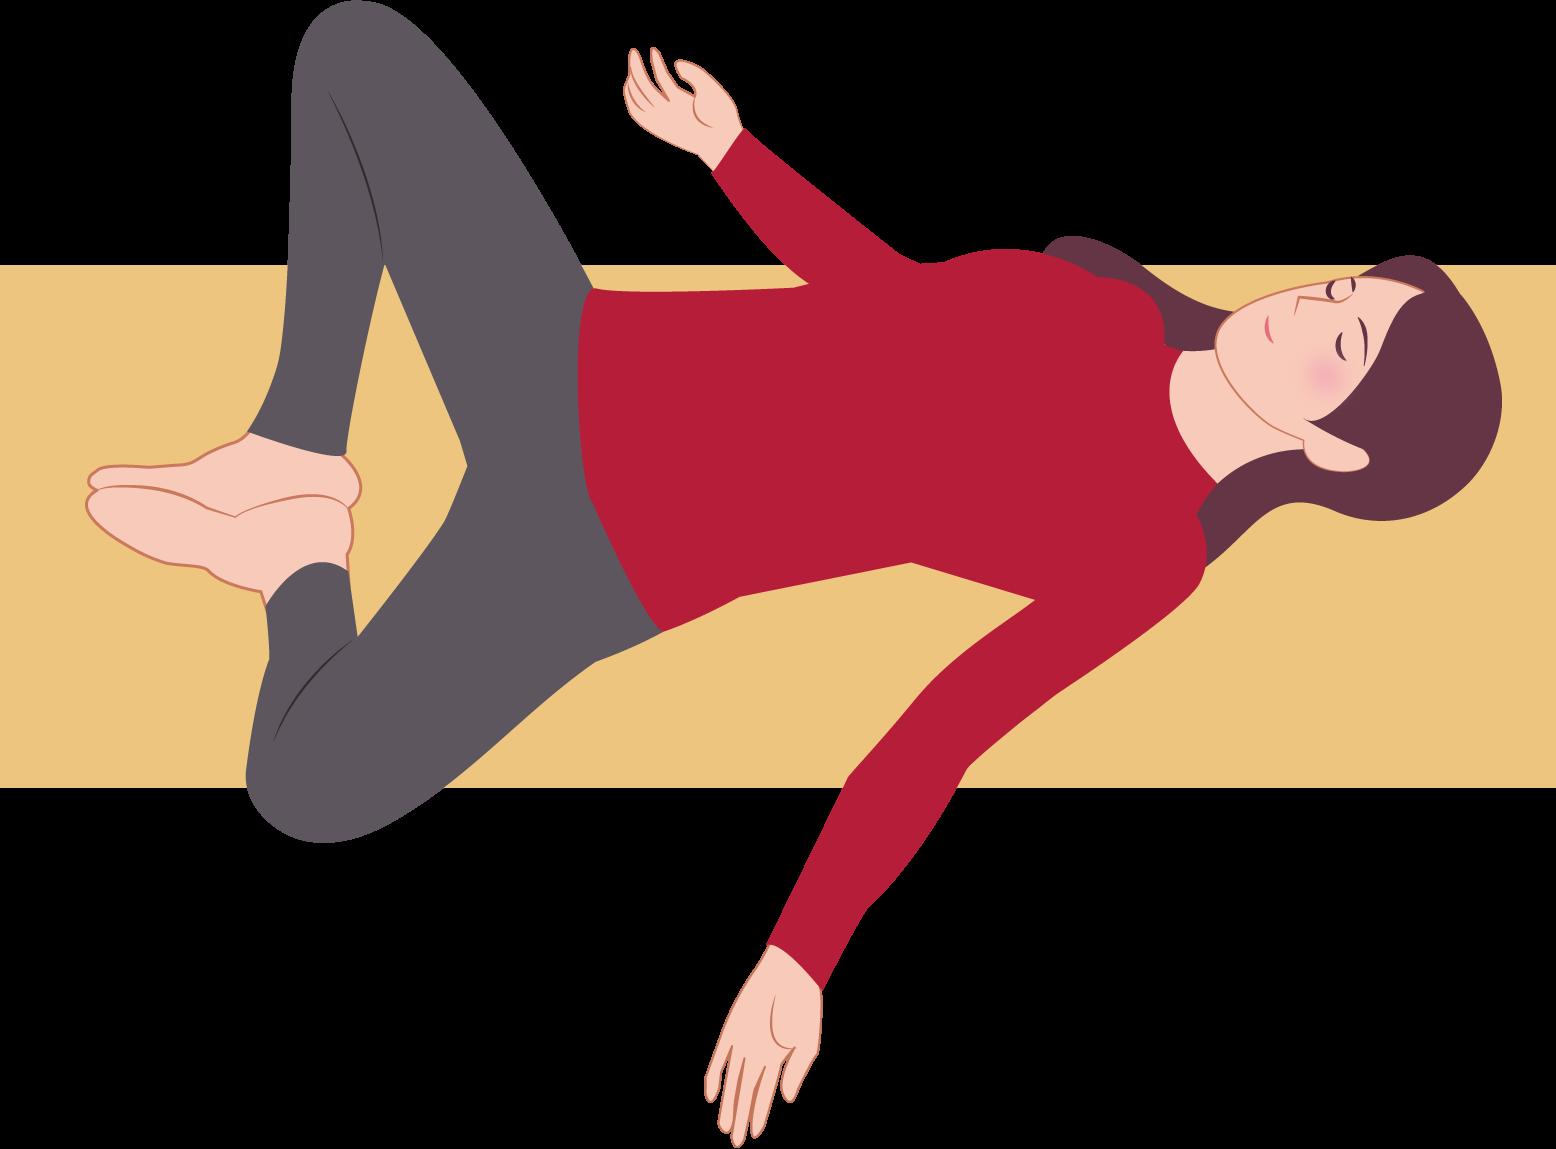 股関節ストレッチ (2)